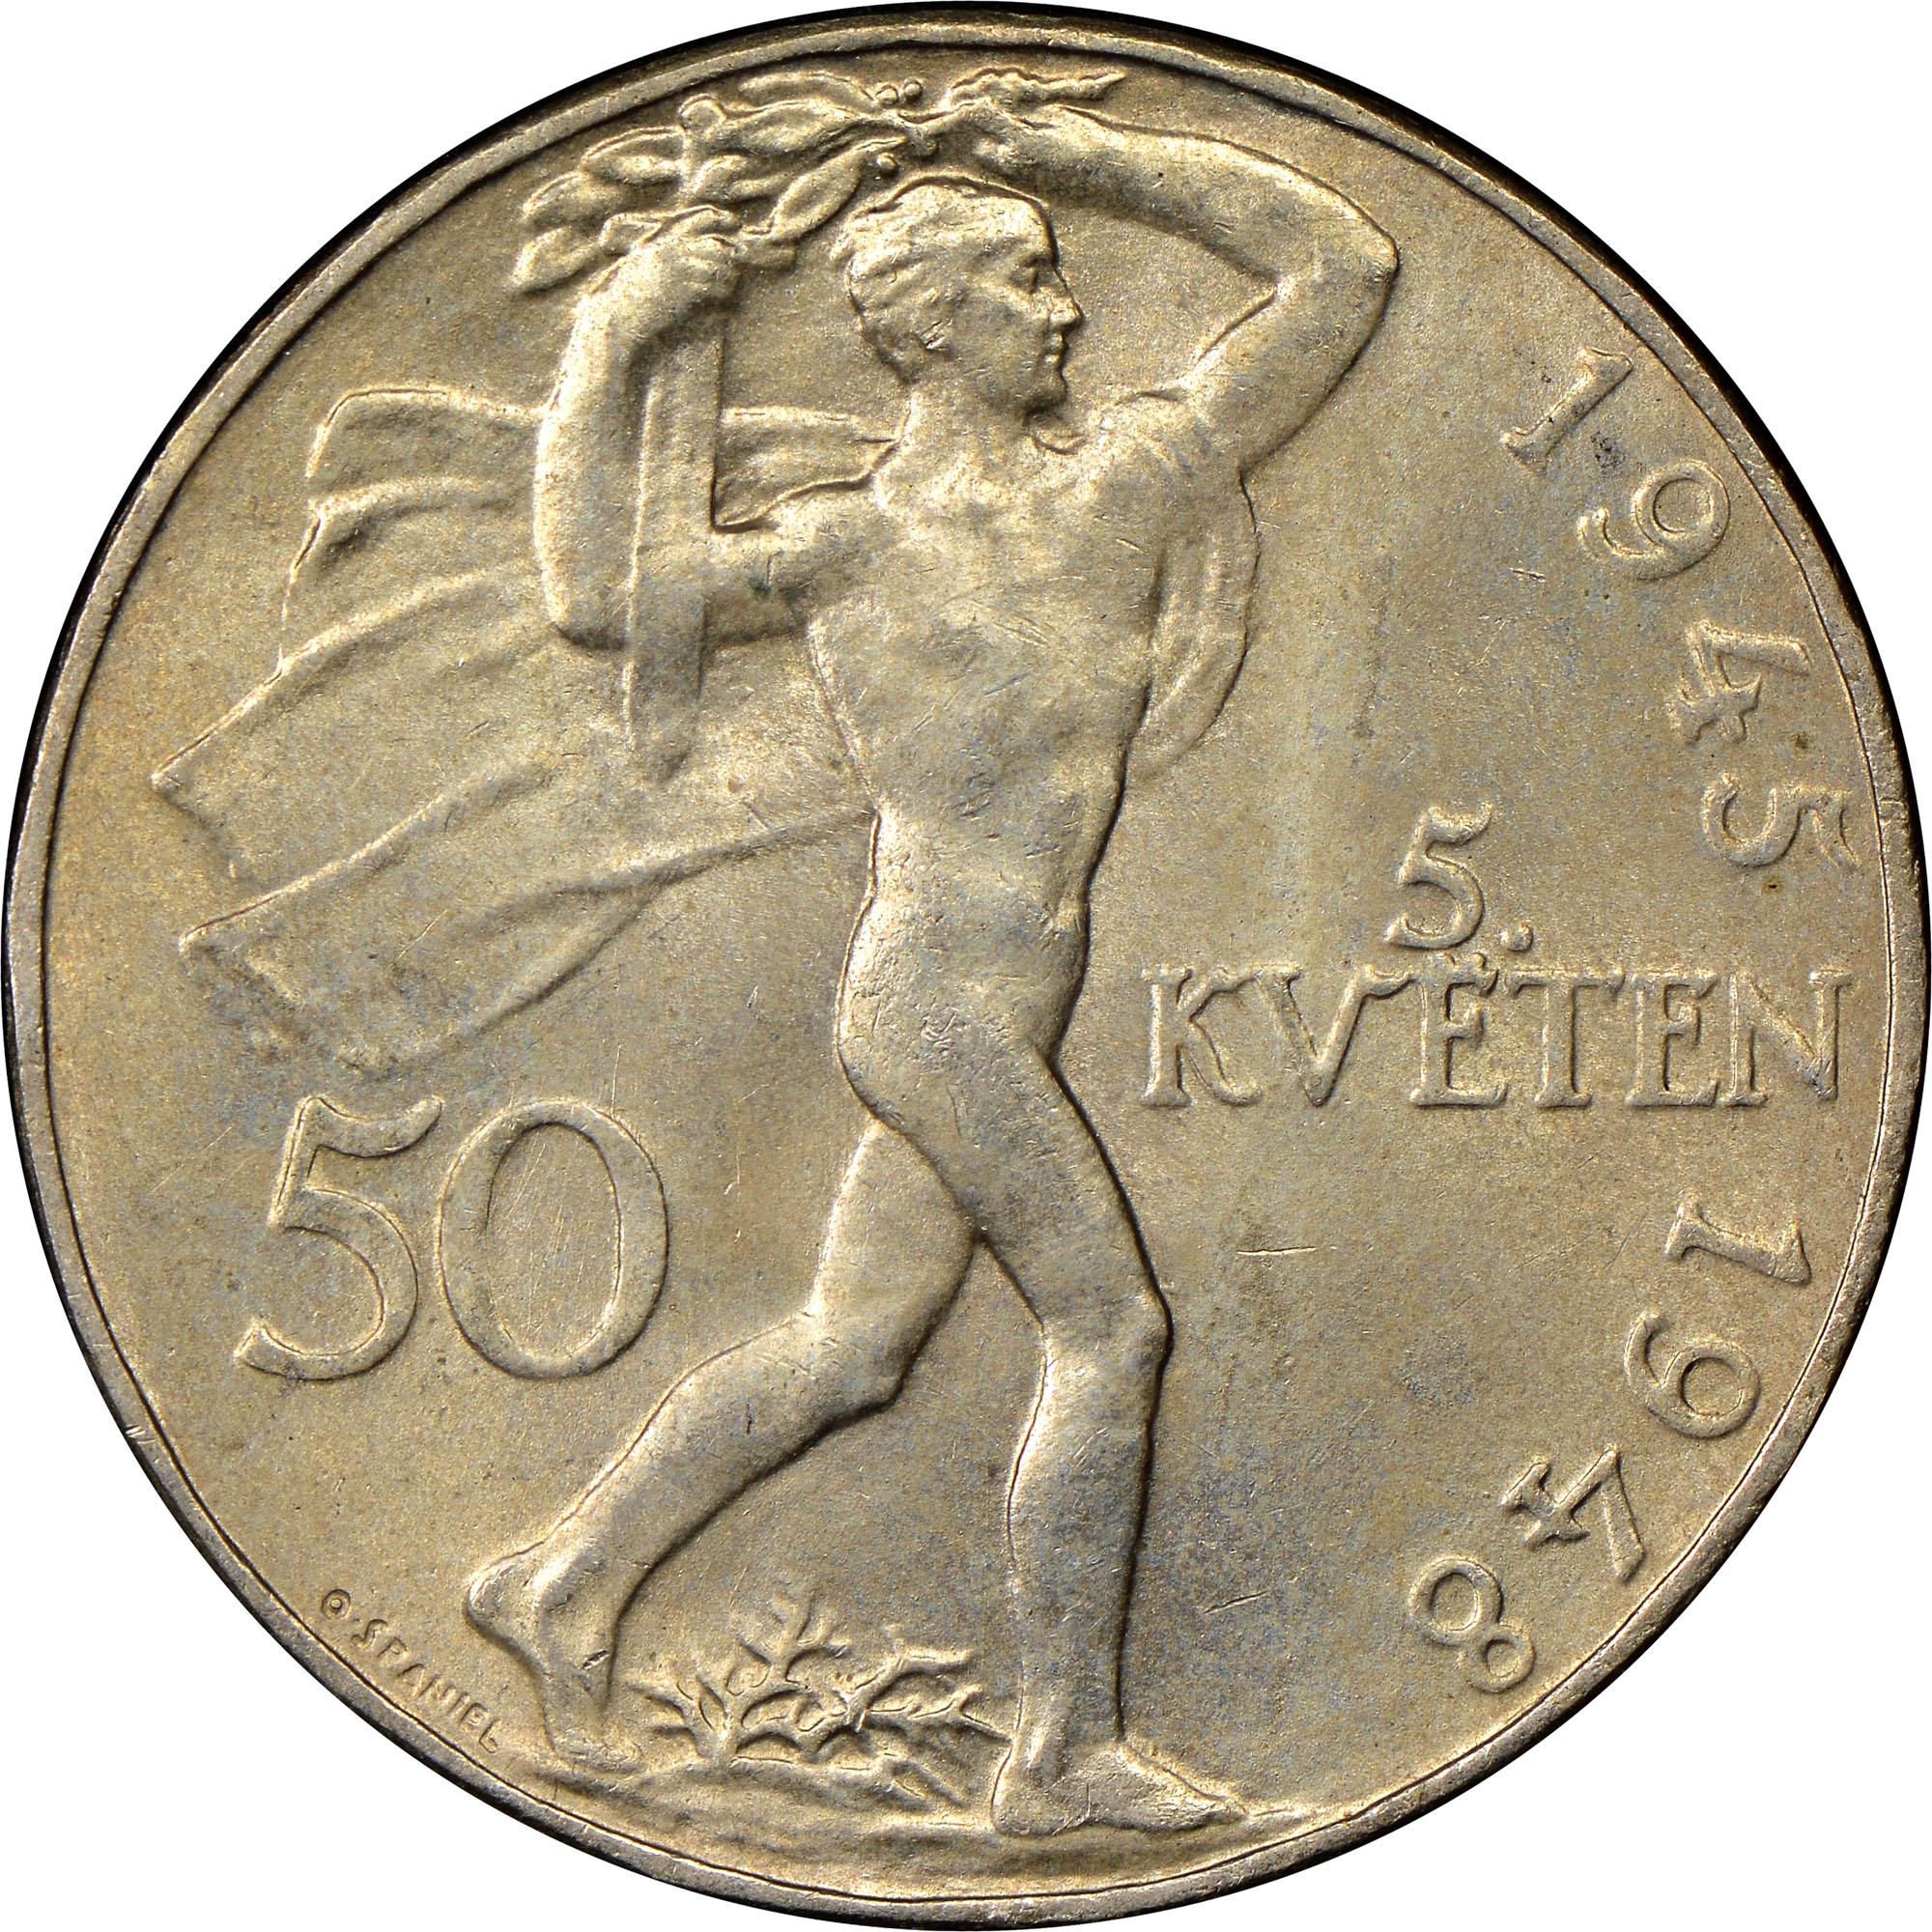 Czechoslovakia 50 Korun reverse